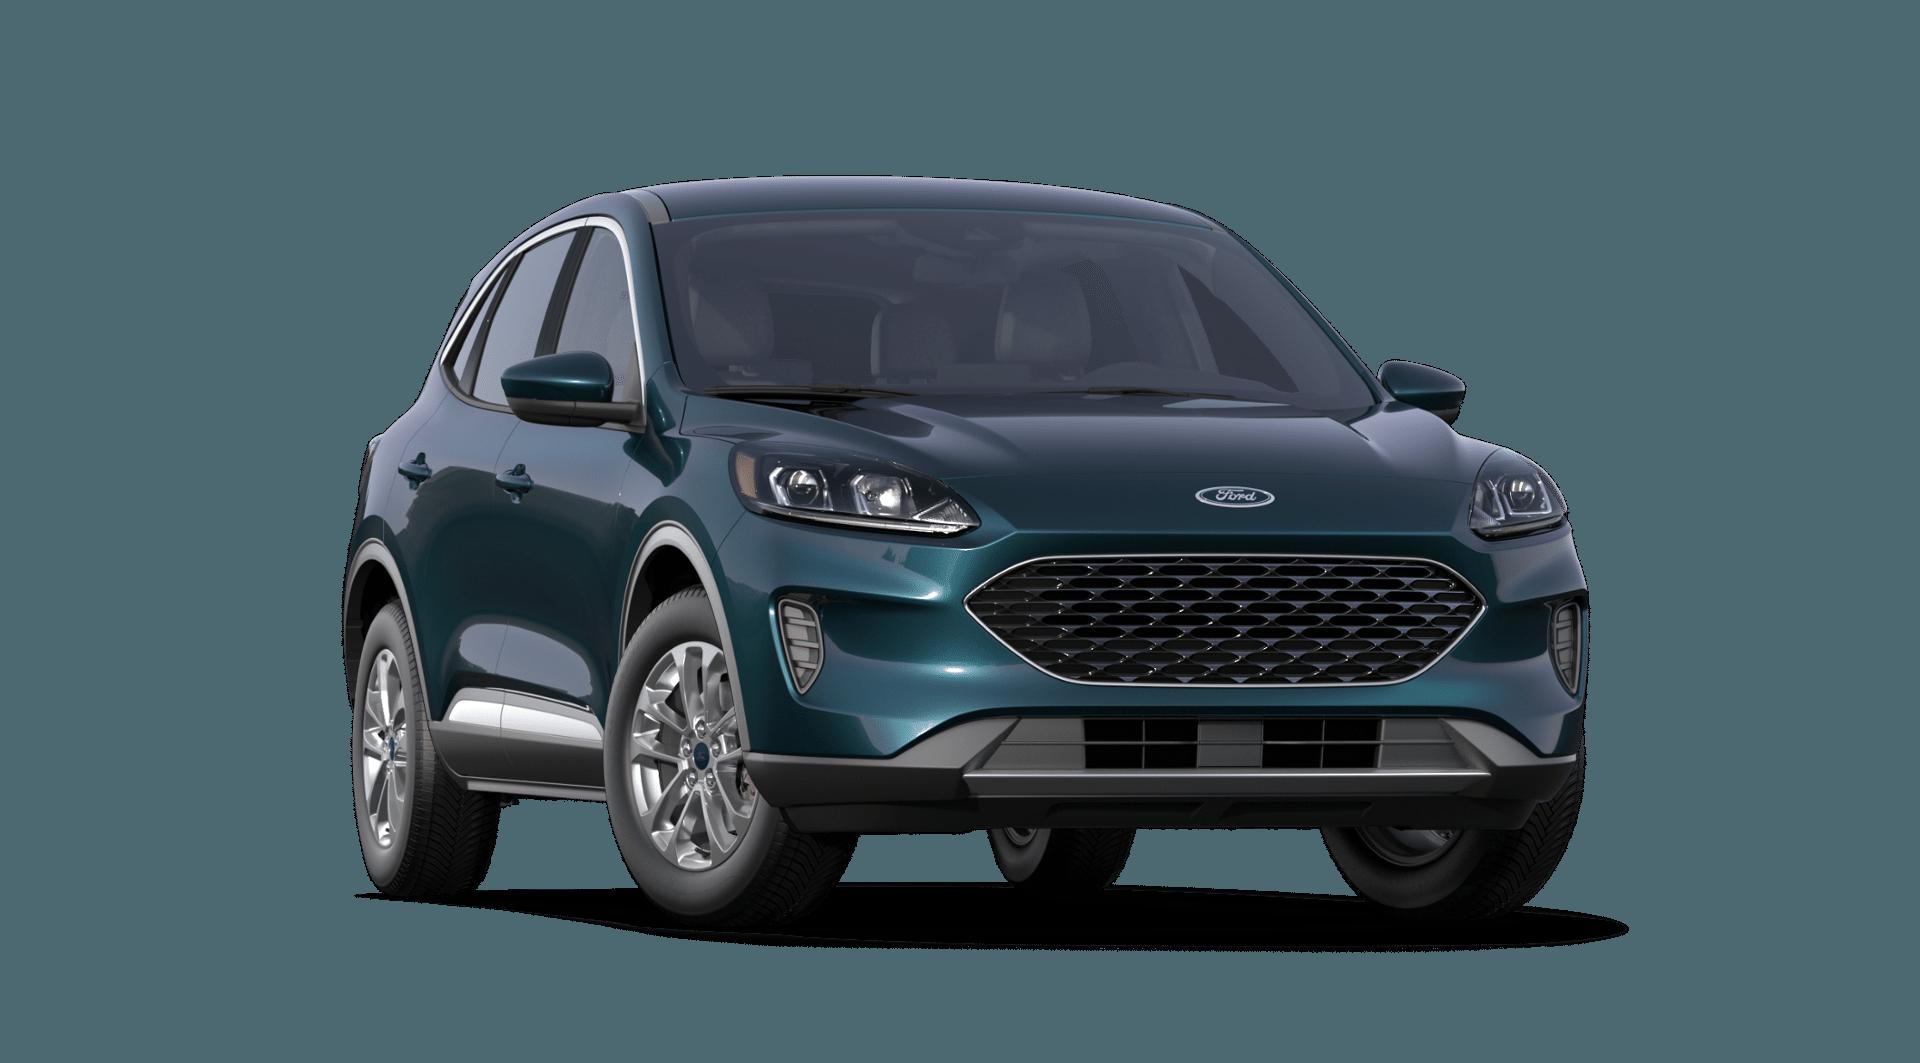 2020 Ford Escape Dark Persian Green